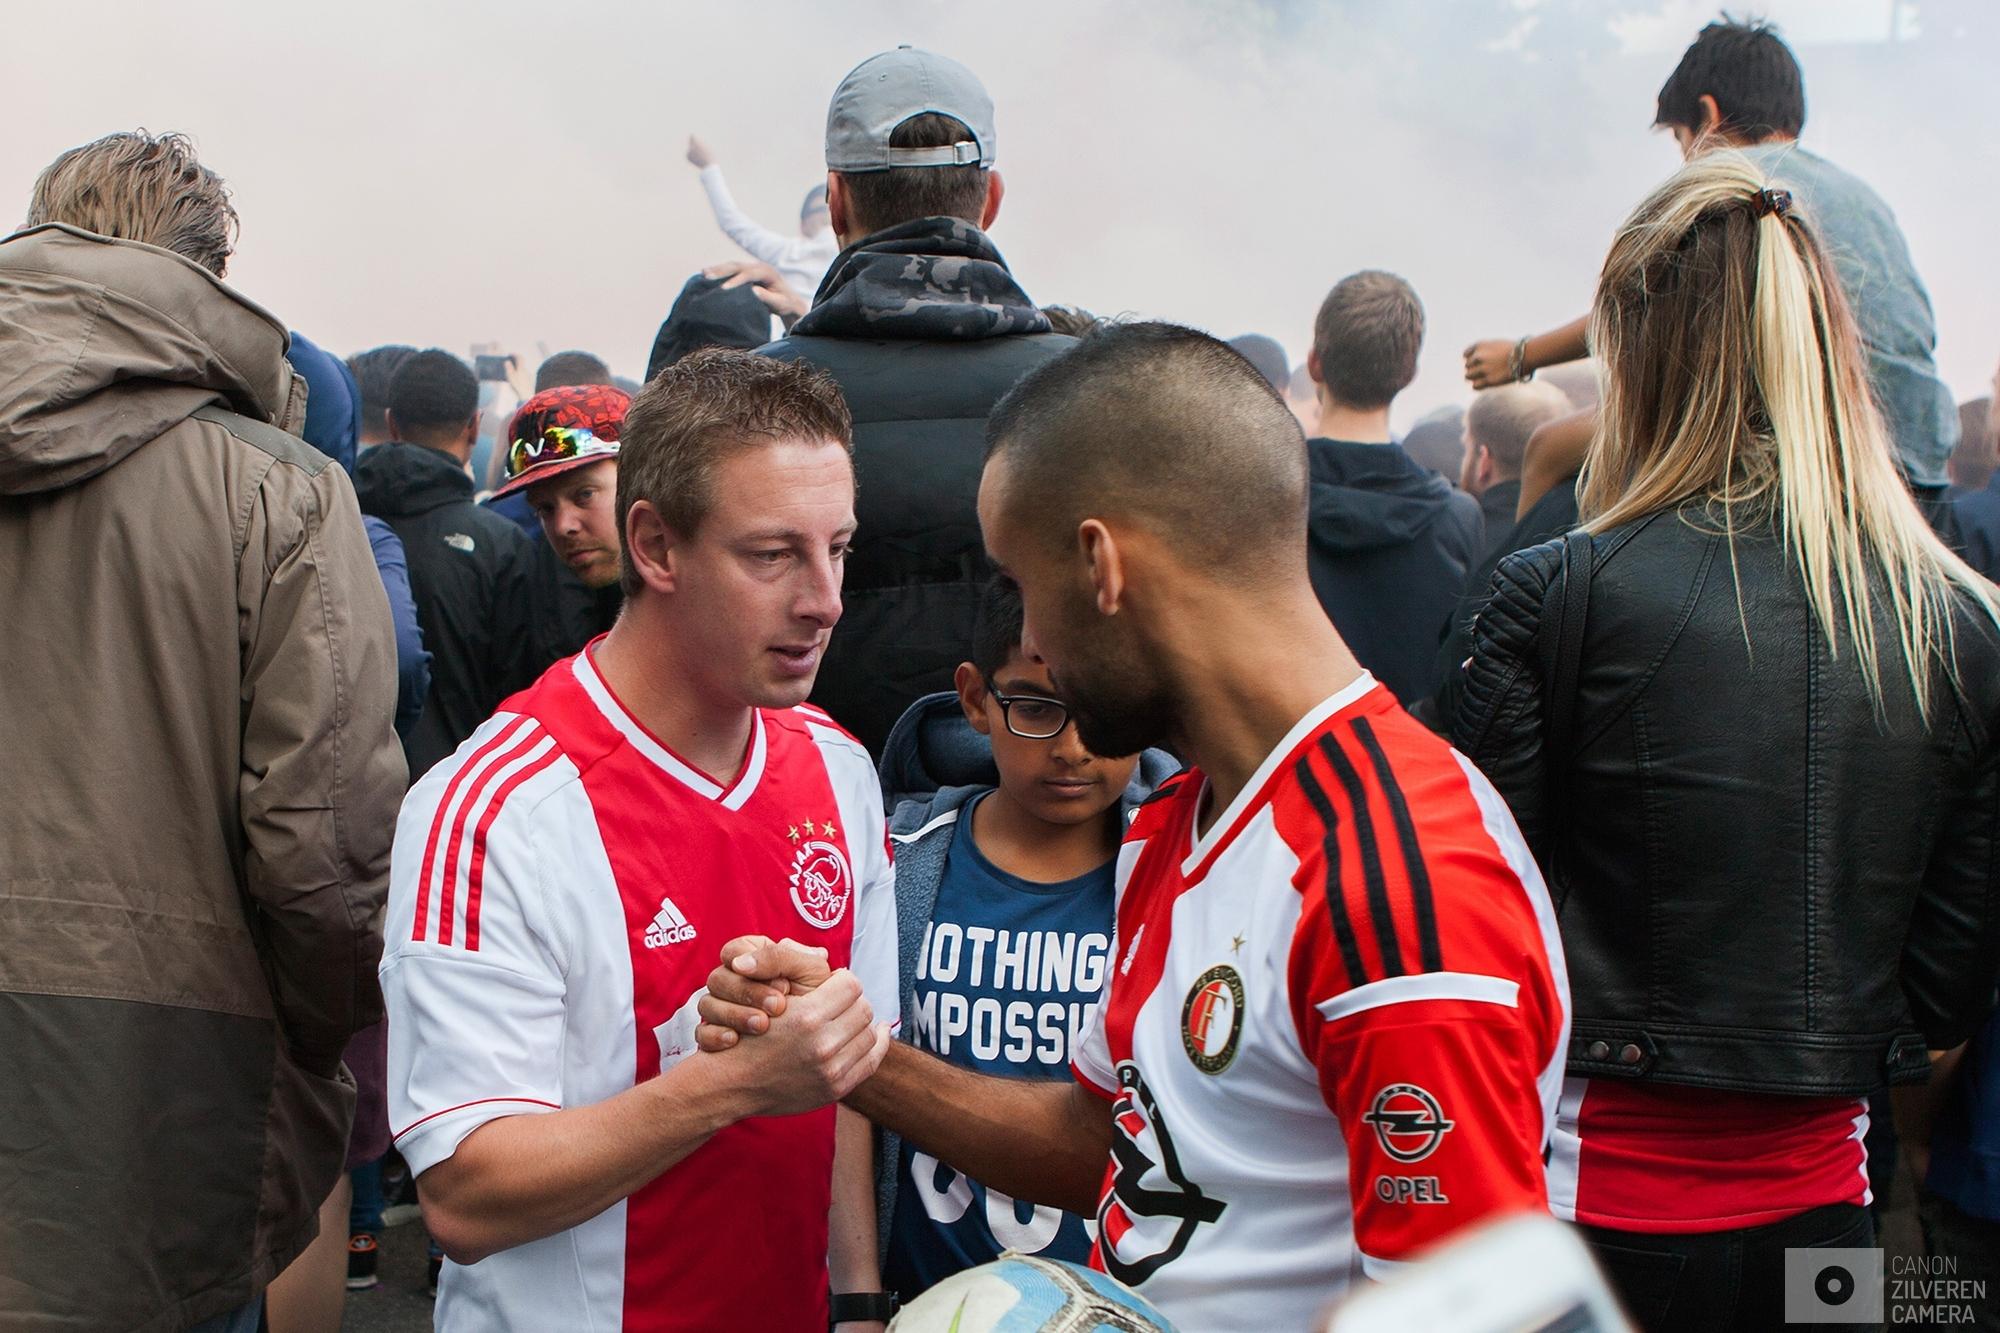 Foto 7 van 11De carrière van de talentvolle voetballer Abdelhak Nouri werd op 8 juli 2017 in de kiem gesmoord. Tijdens een oefenduel in het Oostenrijkse Zillertal werd de kleine Ajacied onwel en zakte in elkaar.Enkele dagen later werd bekend dat hij blijvende en ernstige hersenschade had opgelopen.De golf van collectief verdriet die toen door (voetballend) Nederland trok liet geen ruimte voor rivaliteit maar zorgde voor verbroedering om te bidden voor een zo'n positief mogelijke afloop voor Abdelhak.